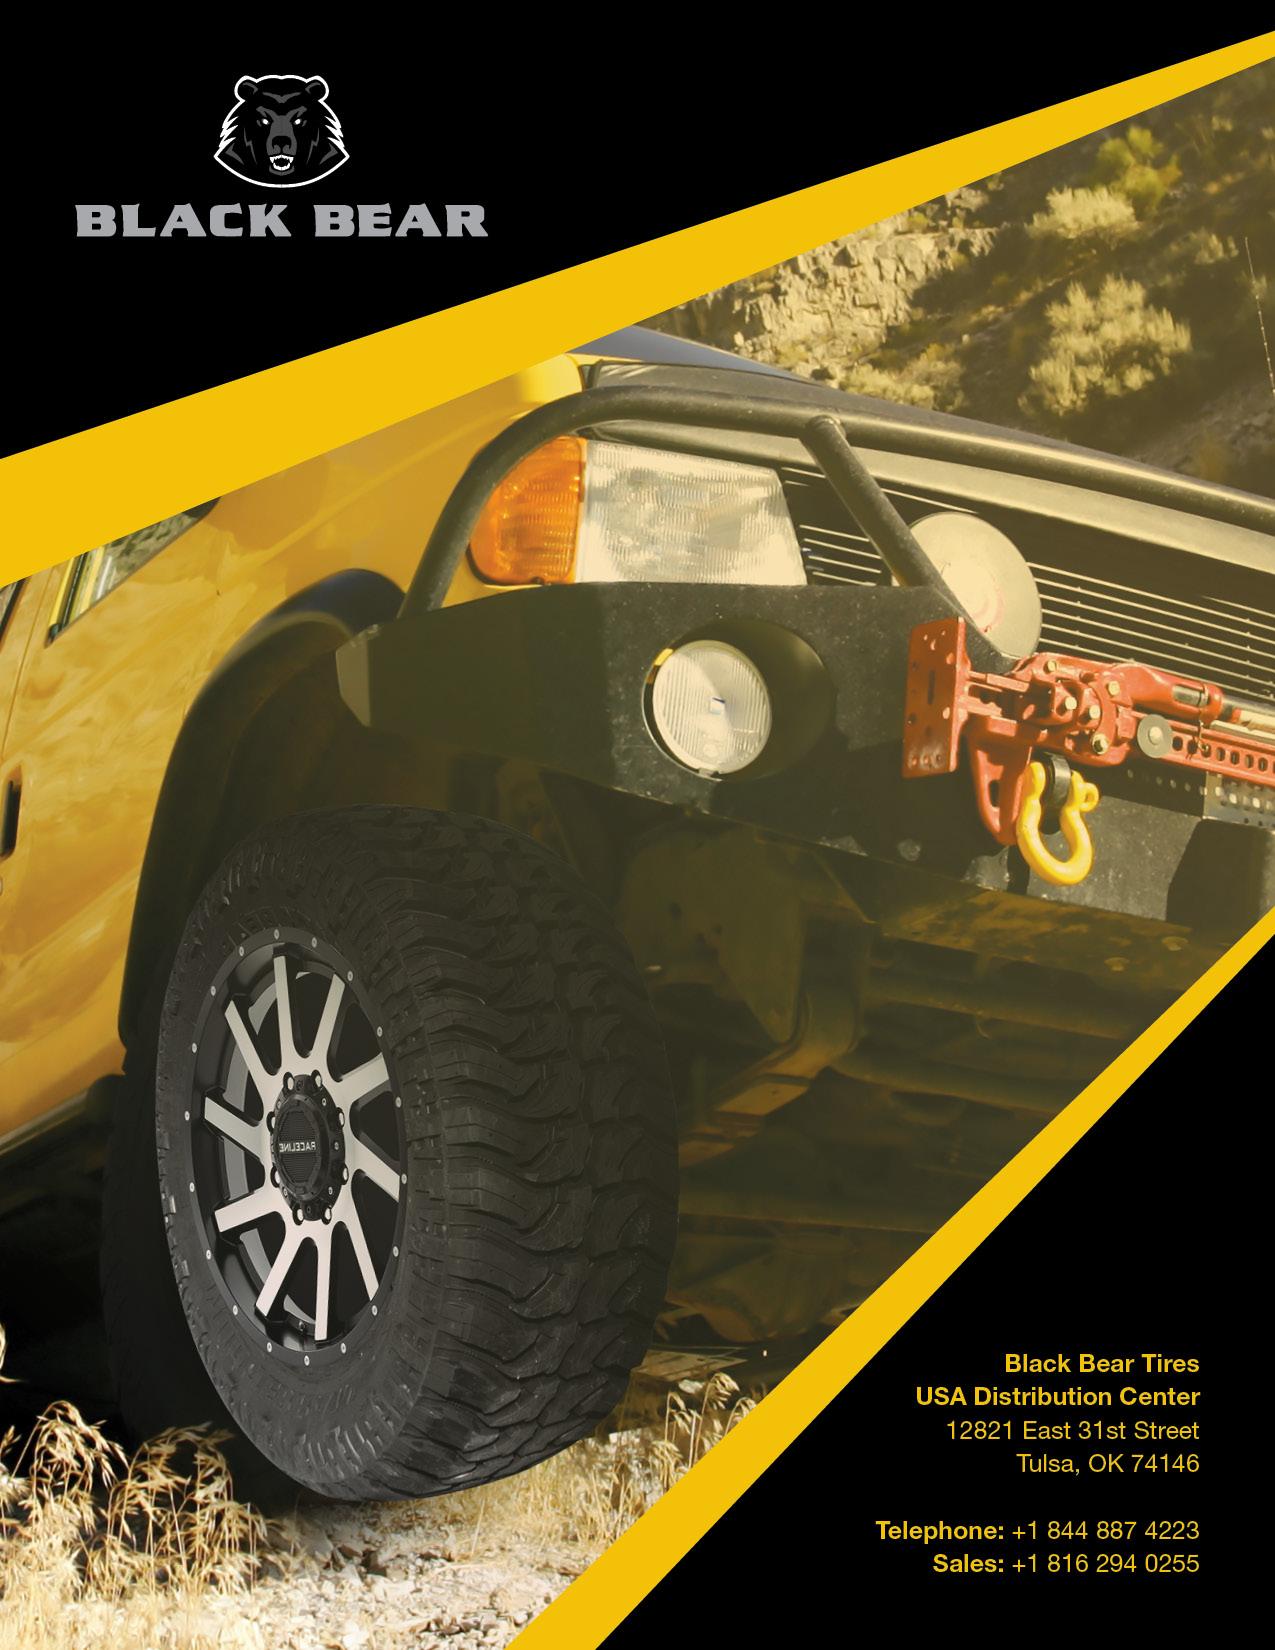 2873Bud_BlackBear85x11specksheet.jpg